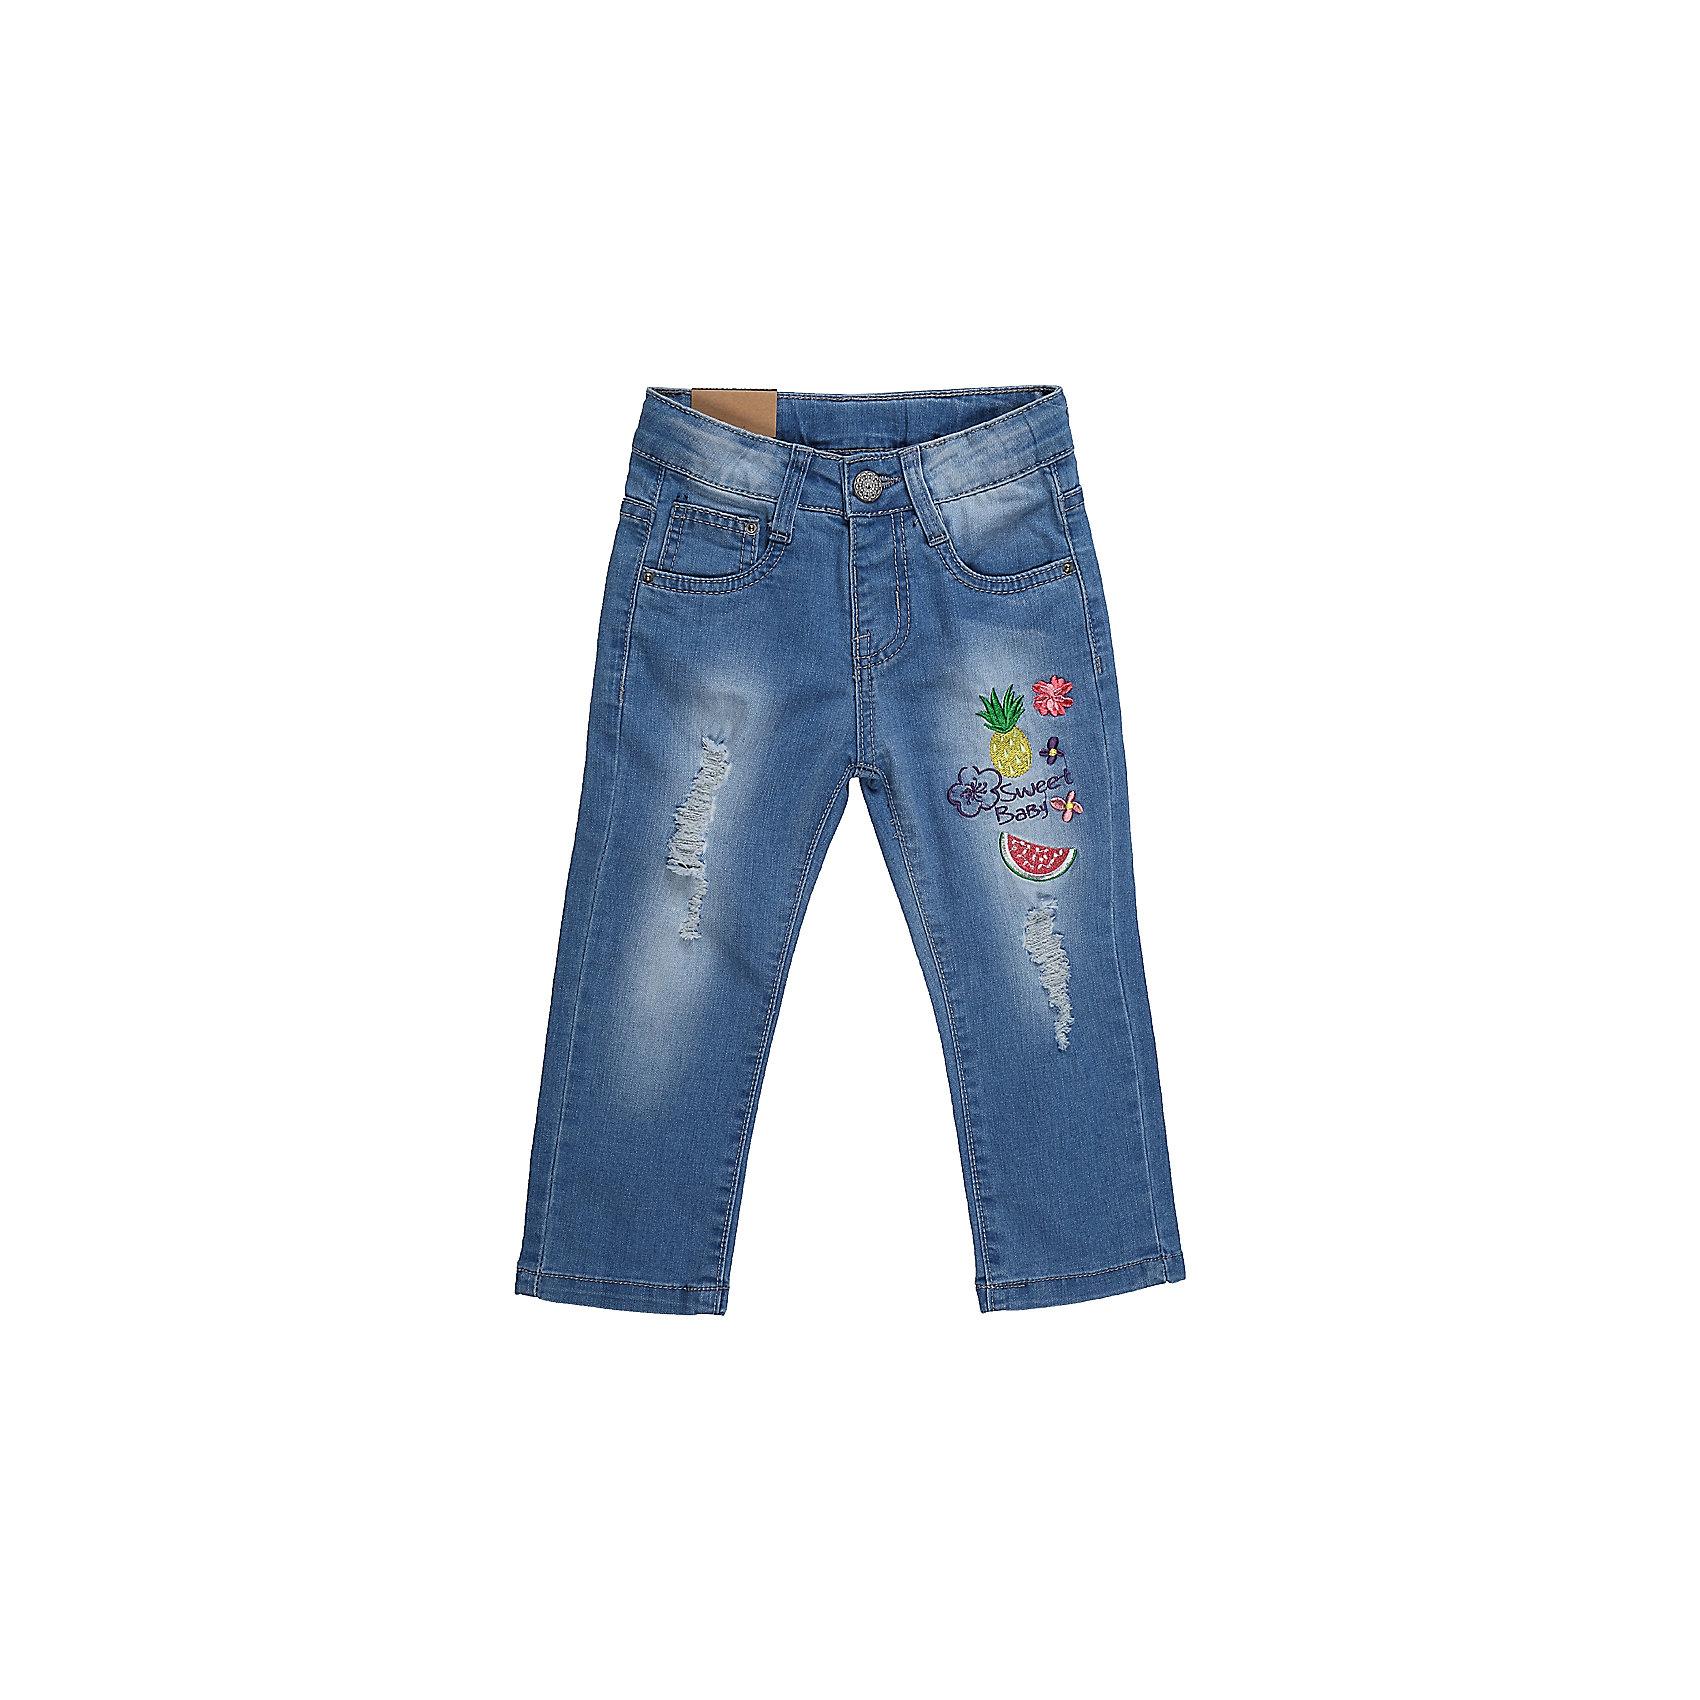 Джинсы для девочки Sweet BerryДжинсовая одежда<br>Джинсы для девочки из хлопка, декорированы красивой вышивкой, потертостями и эффектом рваной джинсы. Зауженный крой, средняя посадка. Застегиваются на молнию и крючок. Шлевки на поясе рассчитаны под ремень. В боковой части пояса находятся вшитые эластичные ленты, регулирующие посадку по талии.<br>Состав:<br>98%хлопок 2%эластан<br><br>Ширина мм: 215<br>Глубина мм: 88<br>Высота мм: 191<br>Вес г: 336<br>Цвет: голубой<br>Возраст от месяцев: 24<br>Возраст до месяцев: 36<br>Пол: Женский<br>Возраст: Детский<br>Размер: 98,80,86,92<br>SKU: 5410919